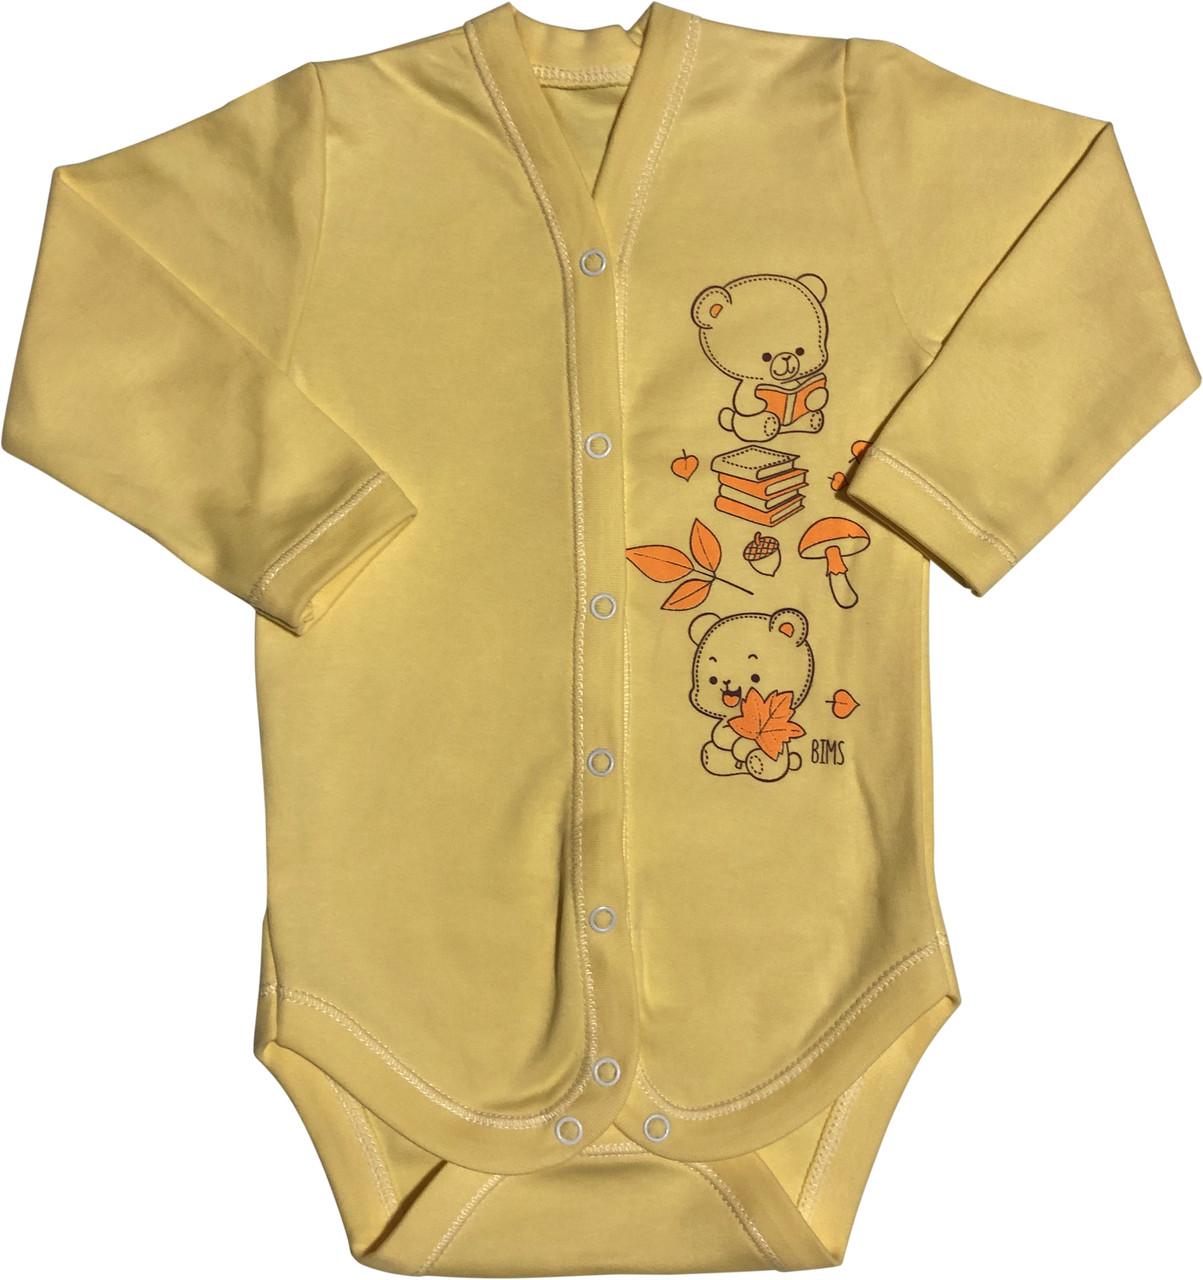 Дитячий боді зростання 74 (6-9 міс.) інтерлок жовтий на хлопчика/дівчинку з довгим рукавом для новонароджених